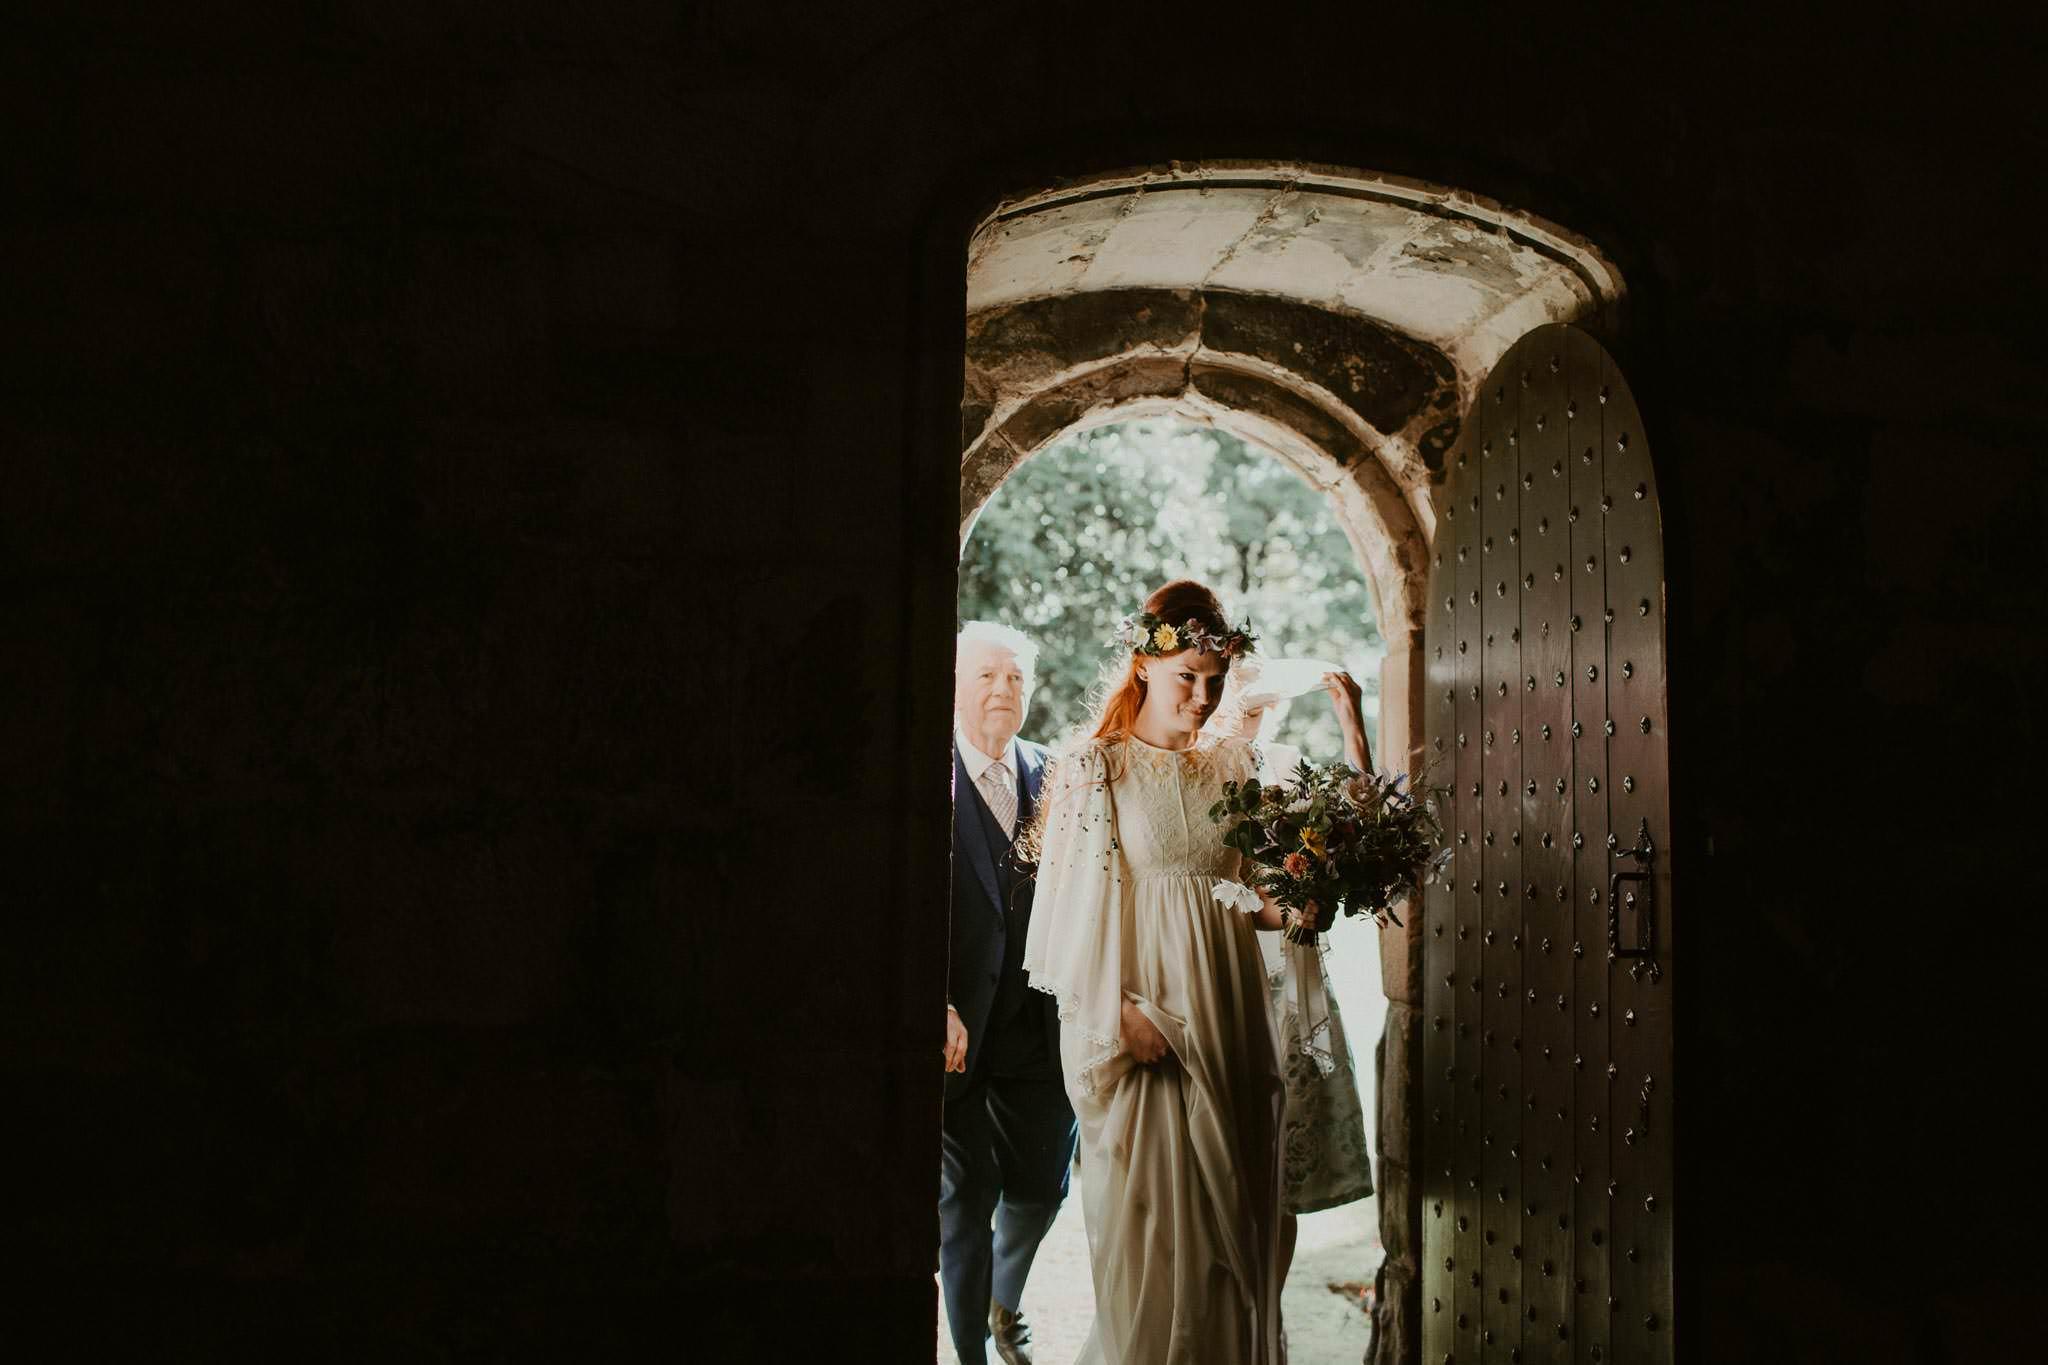 scottish-wedding-photography-047